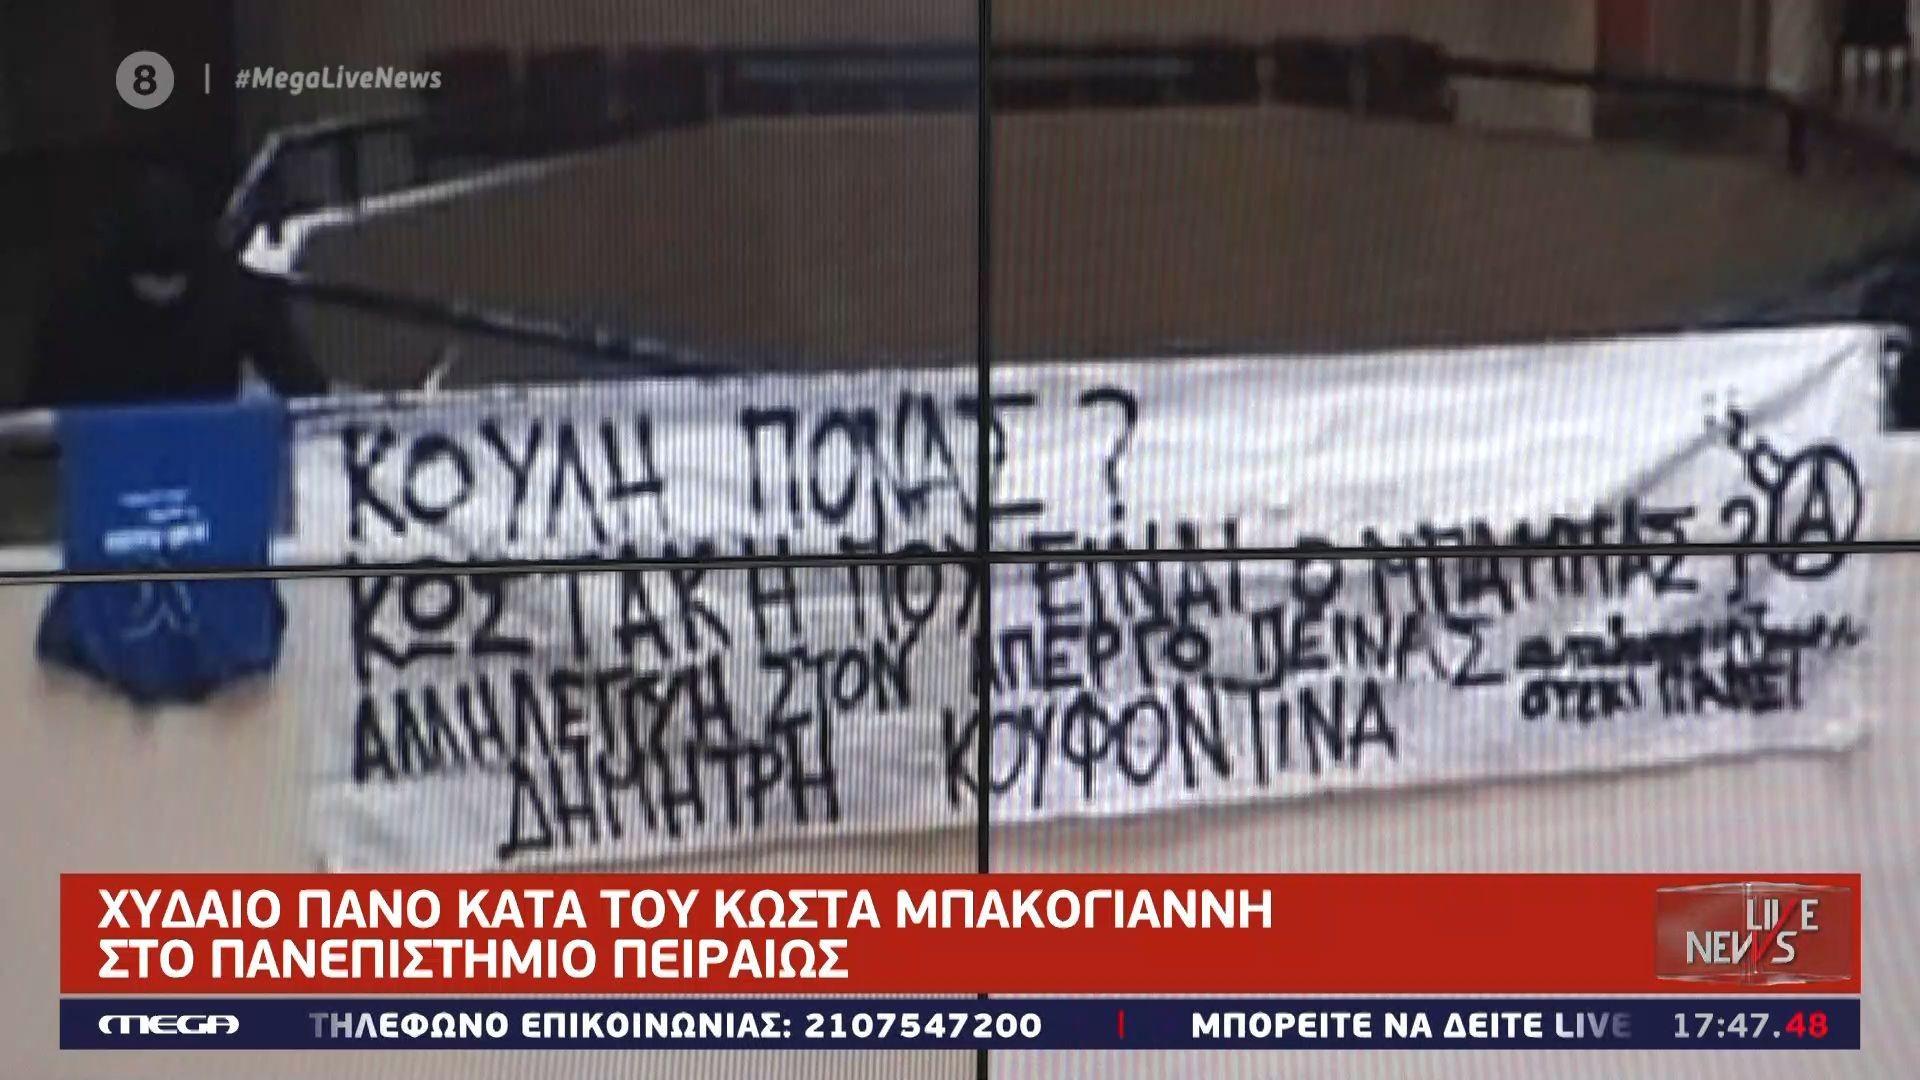 Τραγικό :Δεκαπέντε στελέχη του ΣΥΡΙΖΑ υπογράφουν κείμενο υπέρ του Κουφοντίνα